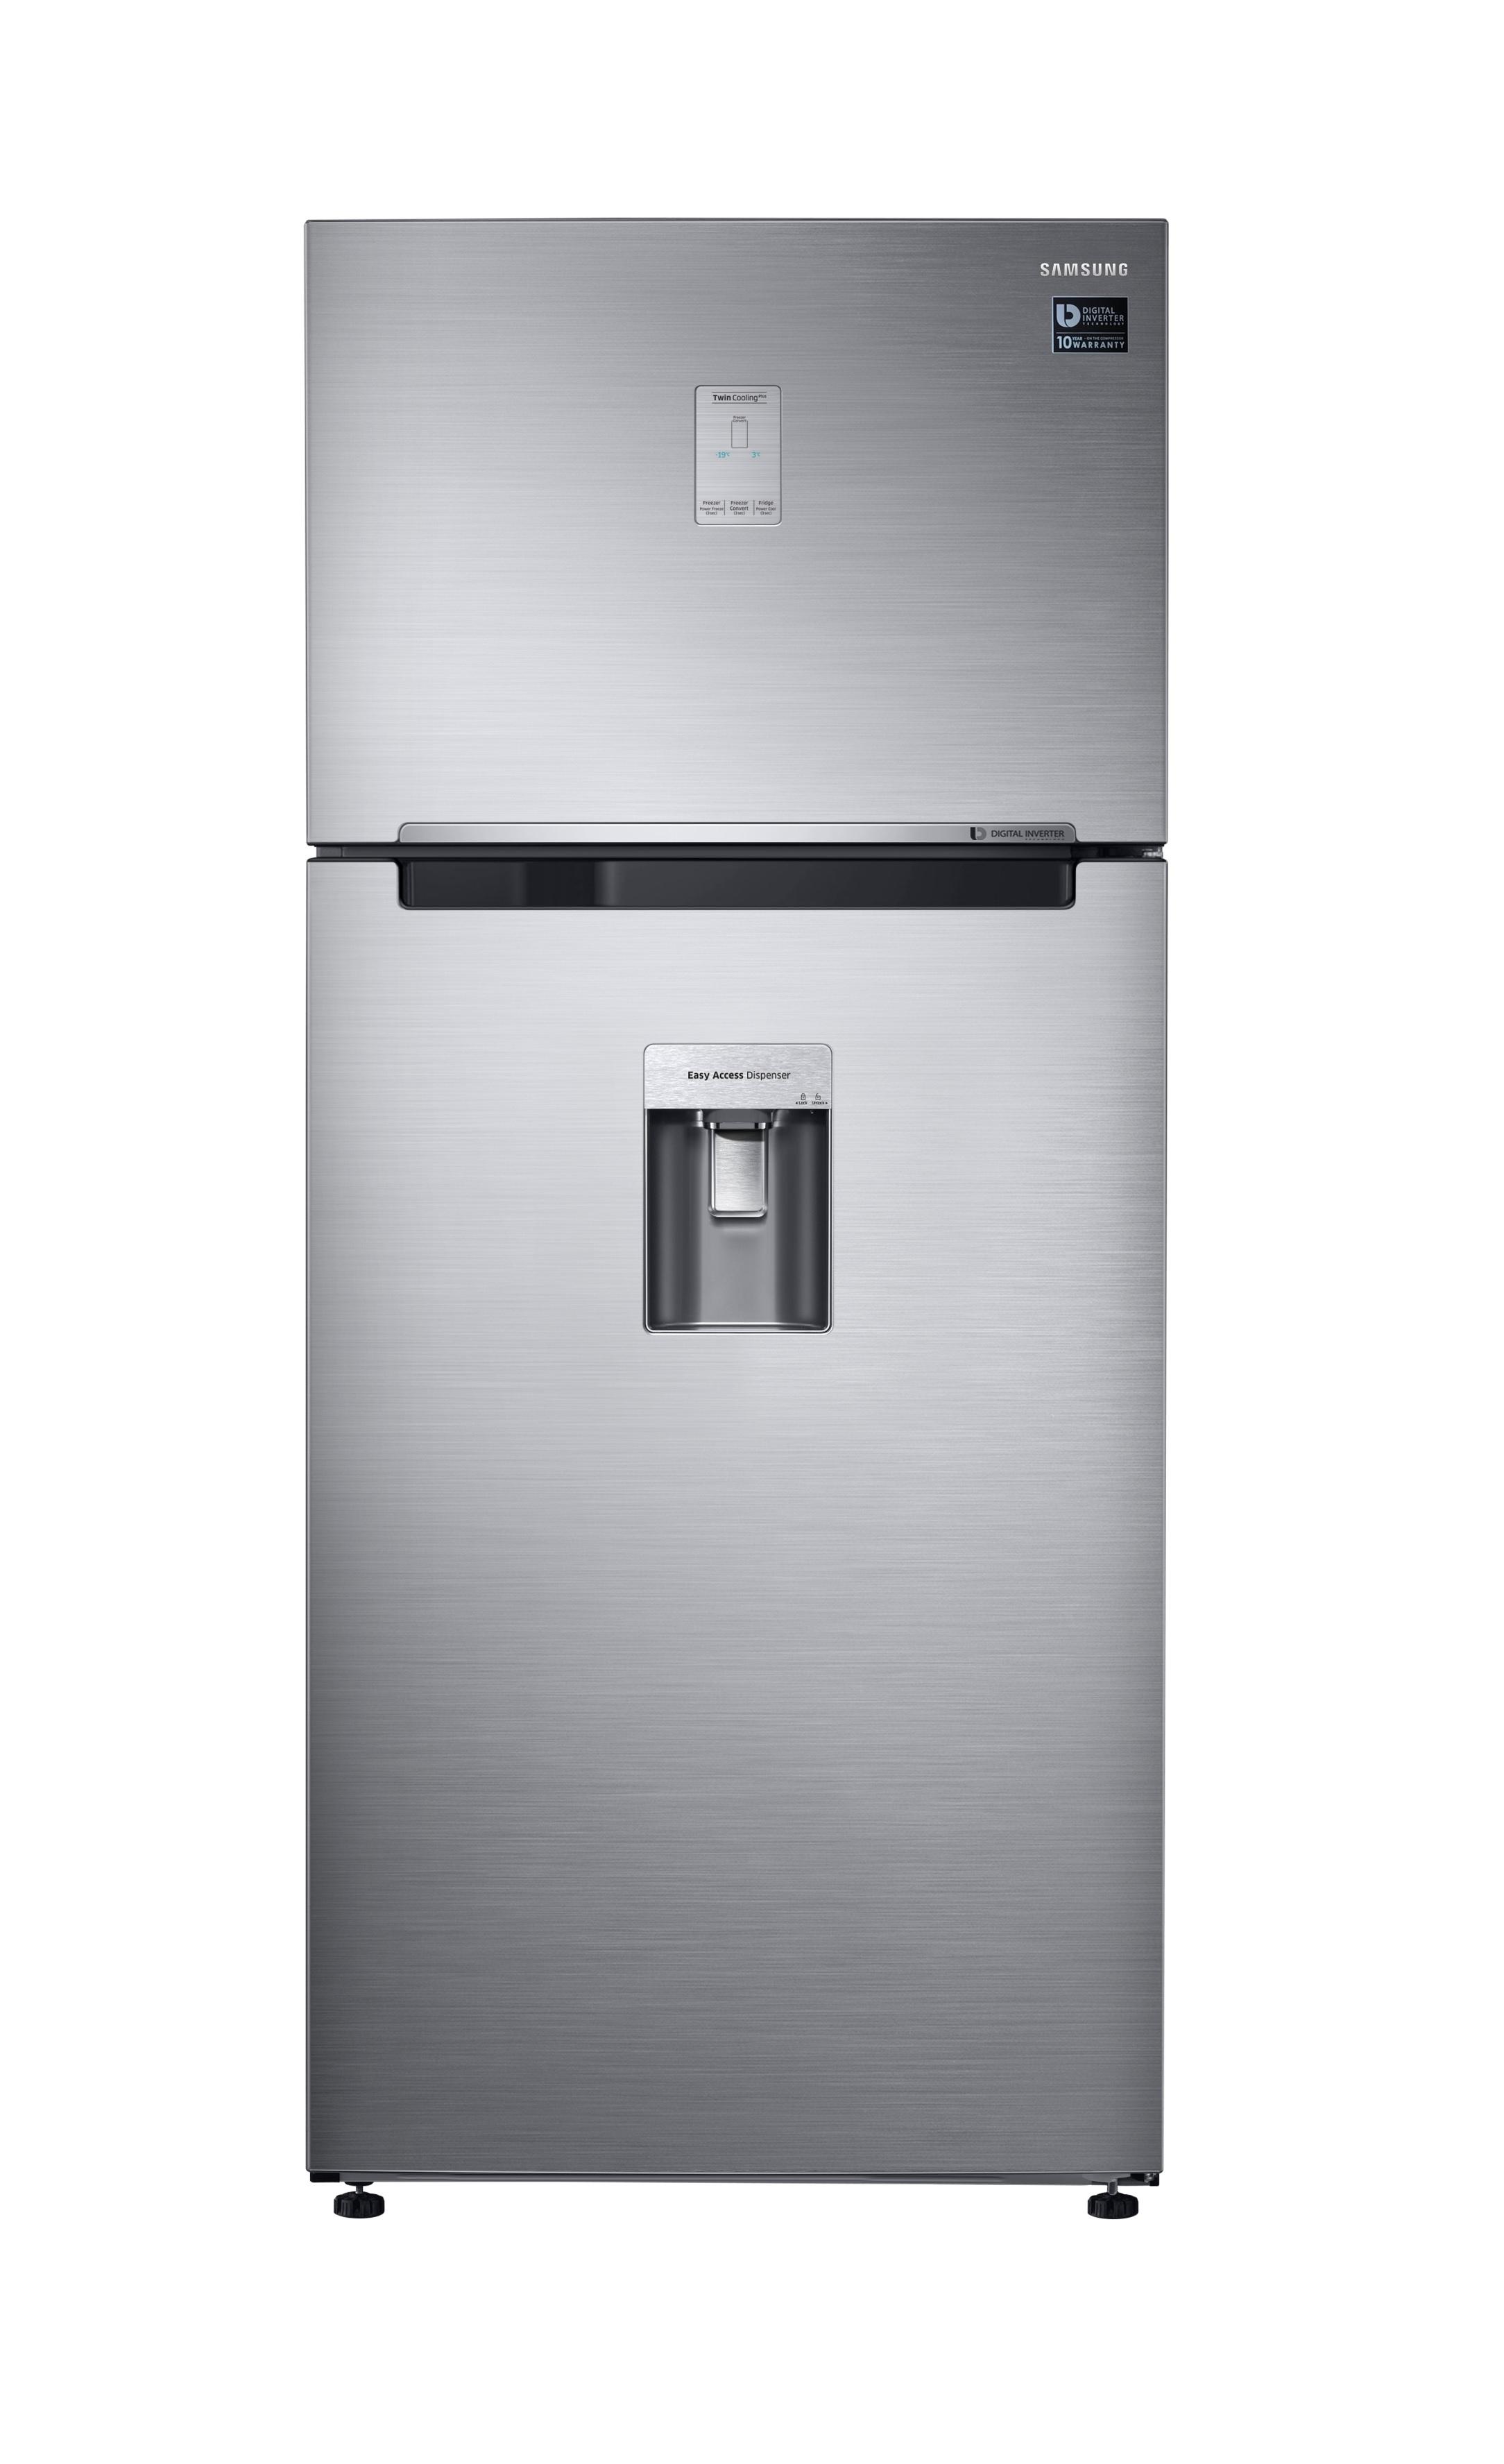 Samsung Refrigerador Top Mount De 19Pies Cbicos Acero